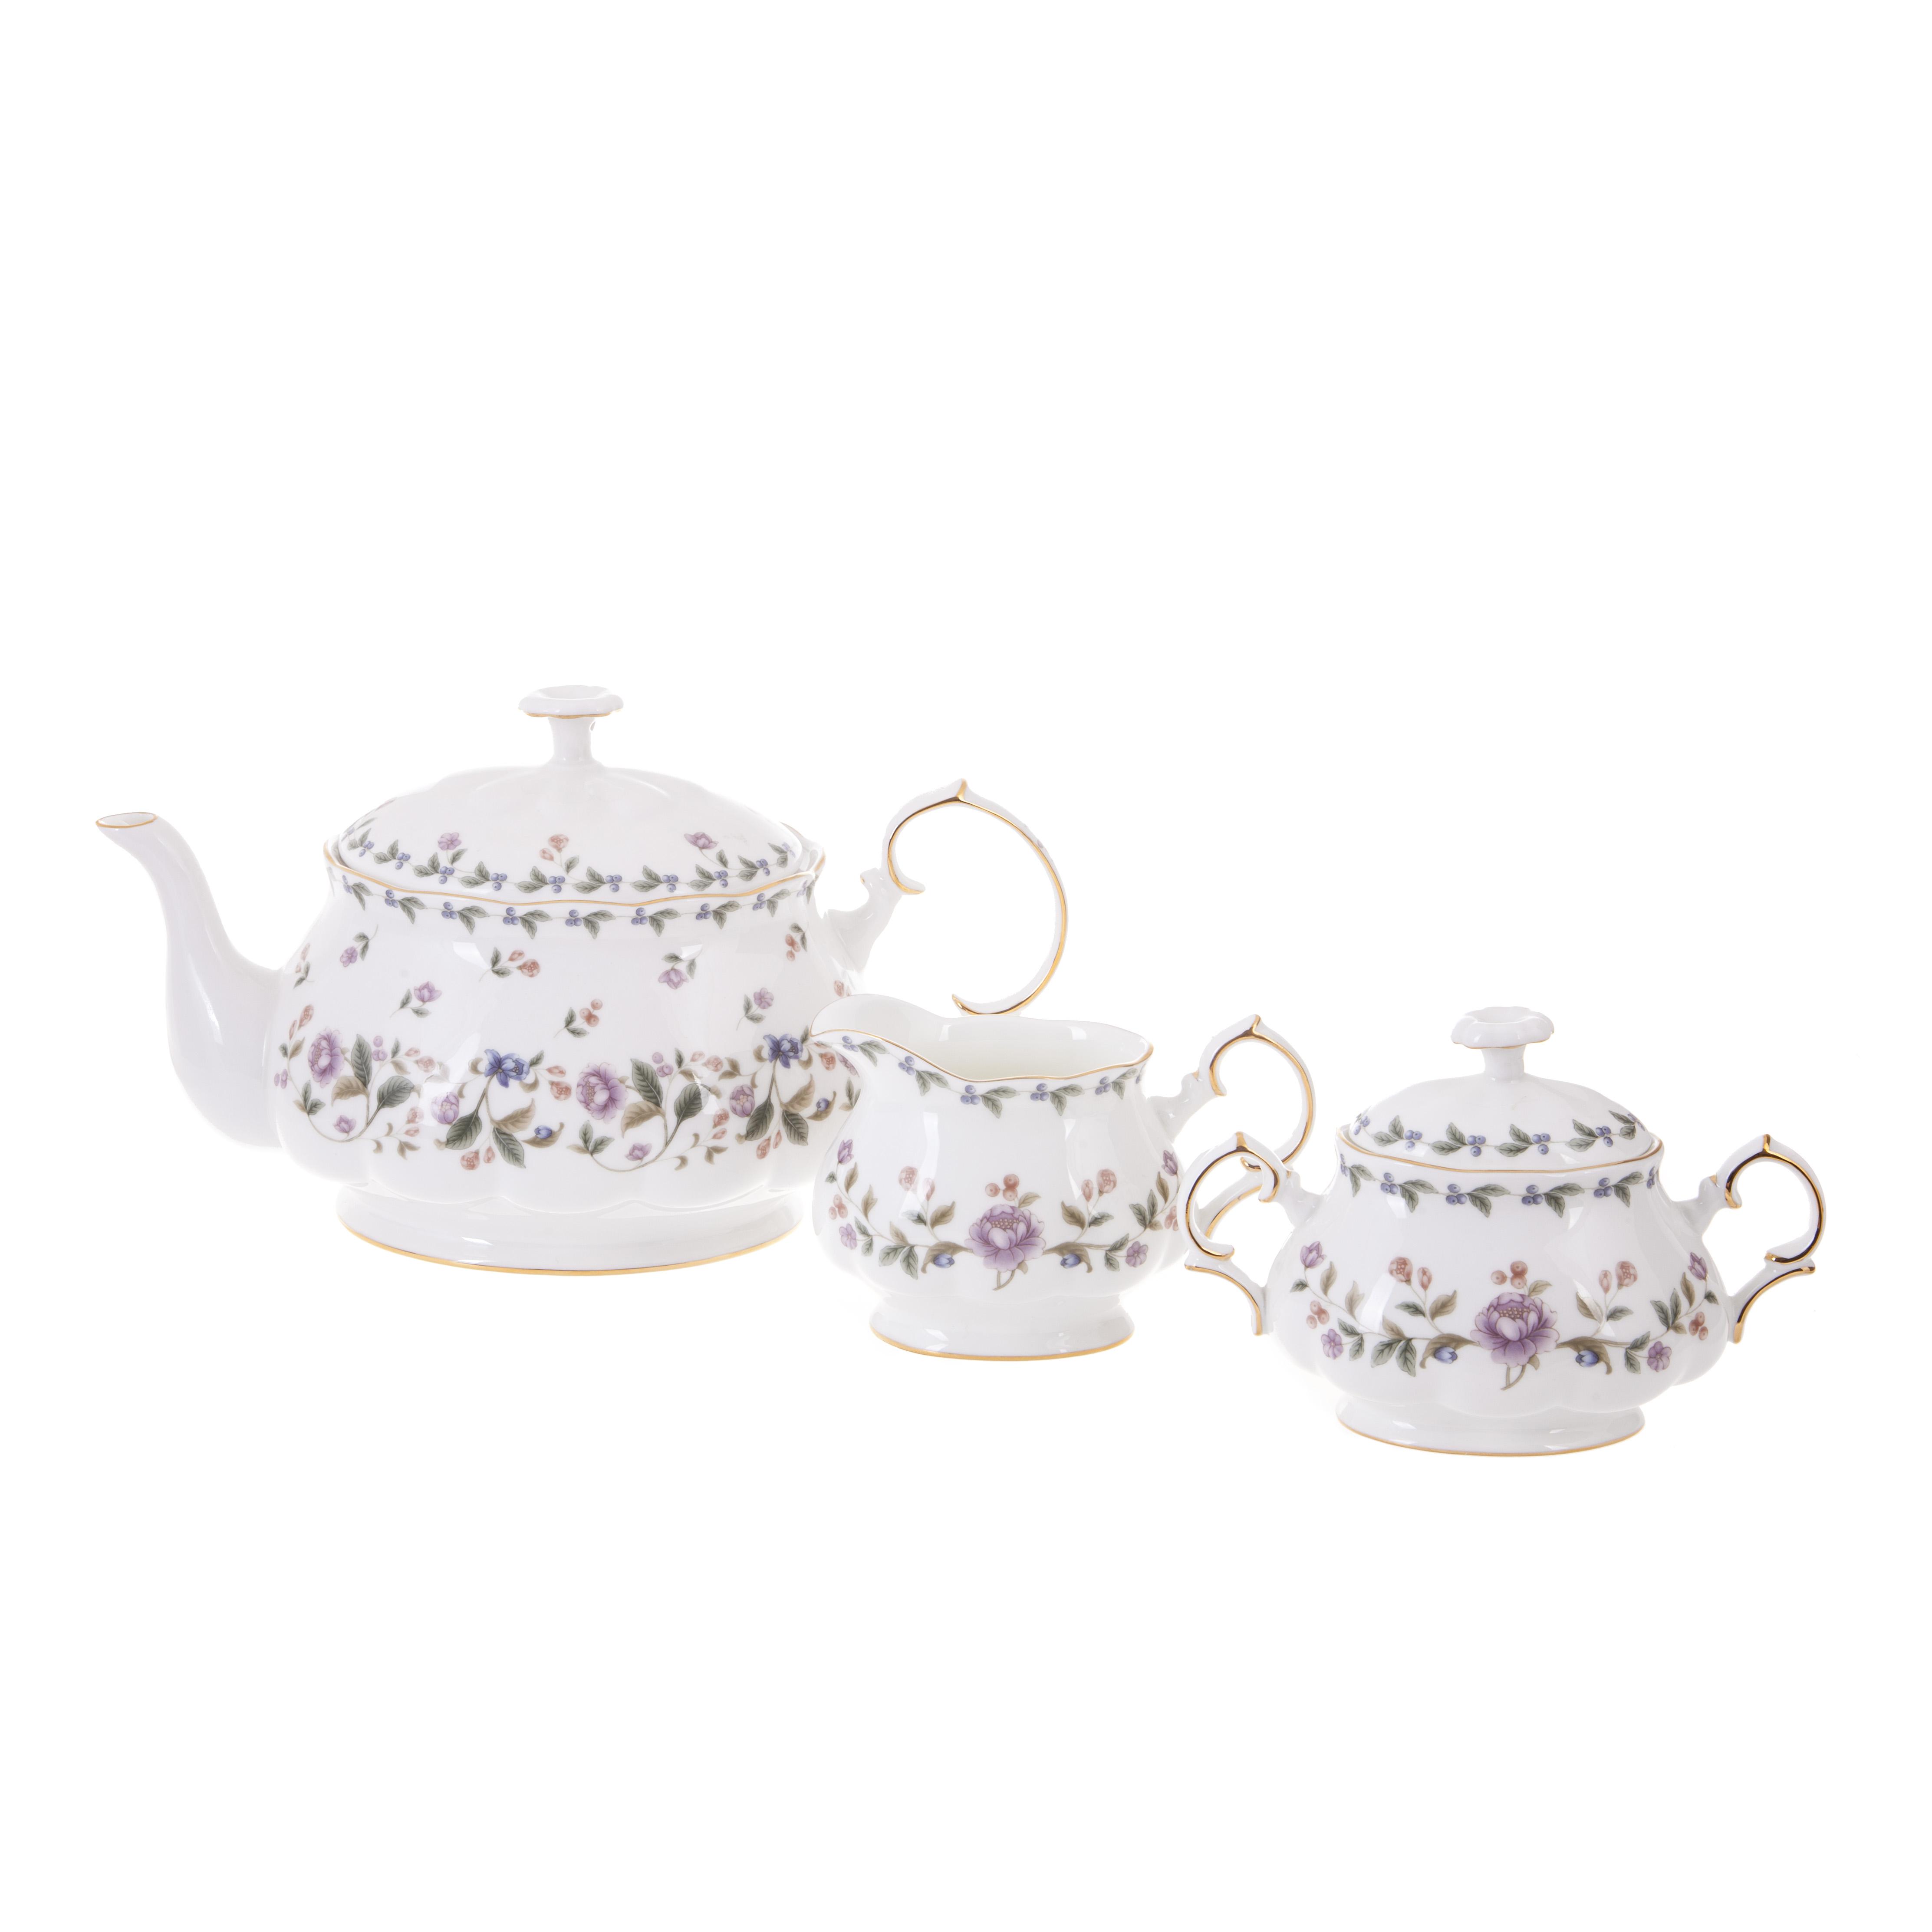 Сервиз чайный Hatori Санни Гарден Империал 17 предметов Н 1114011/14560